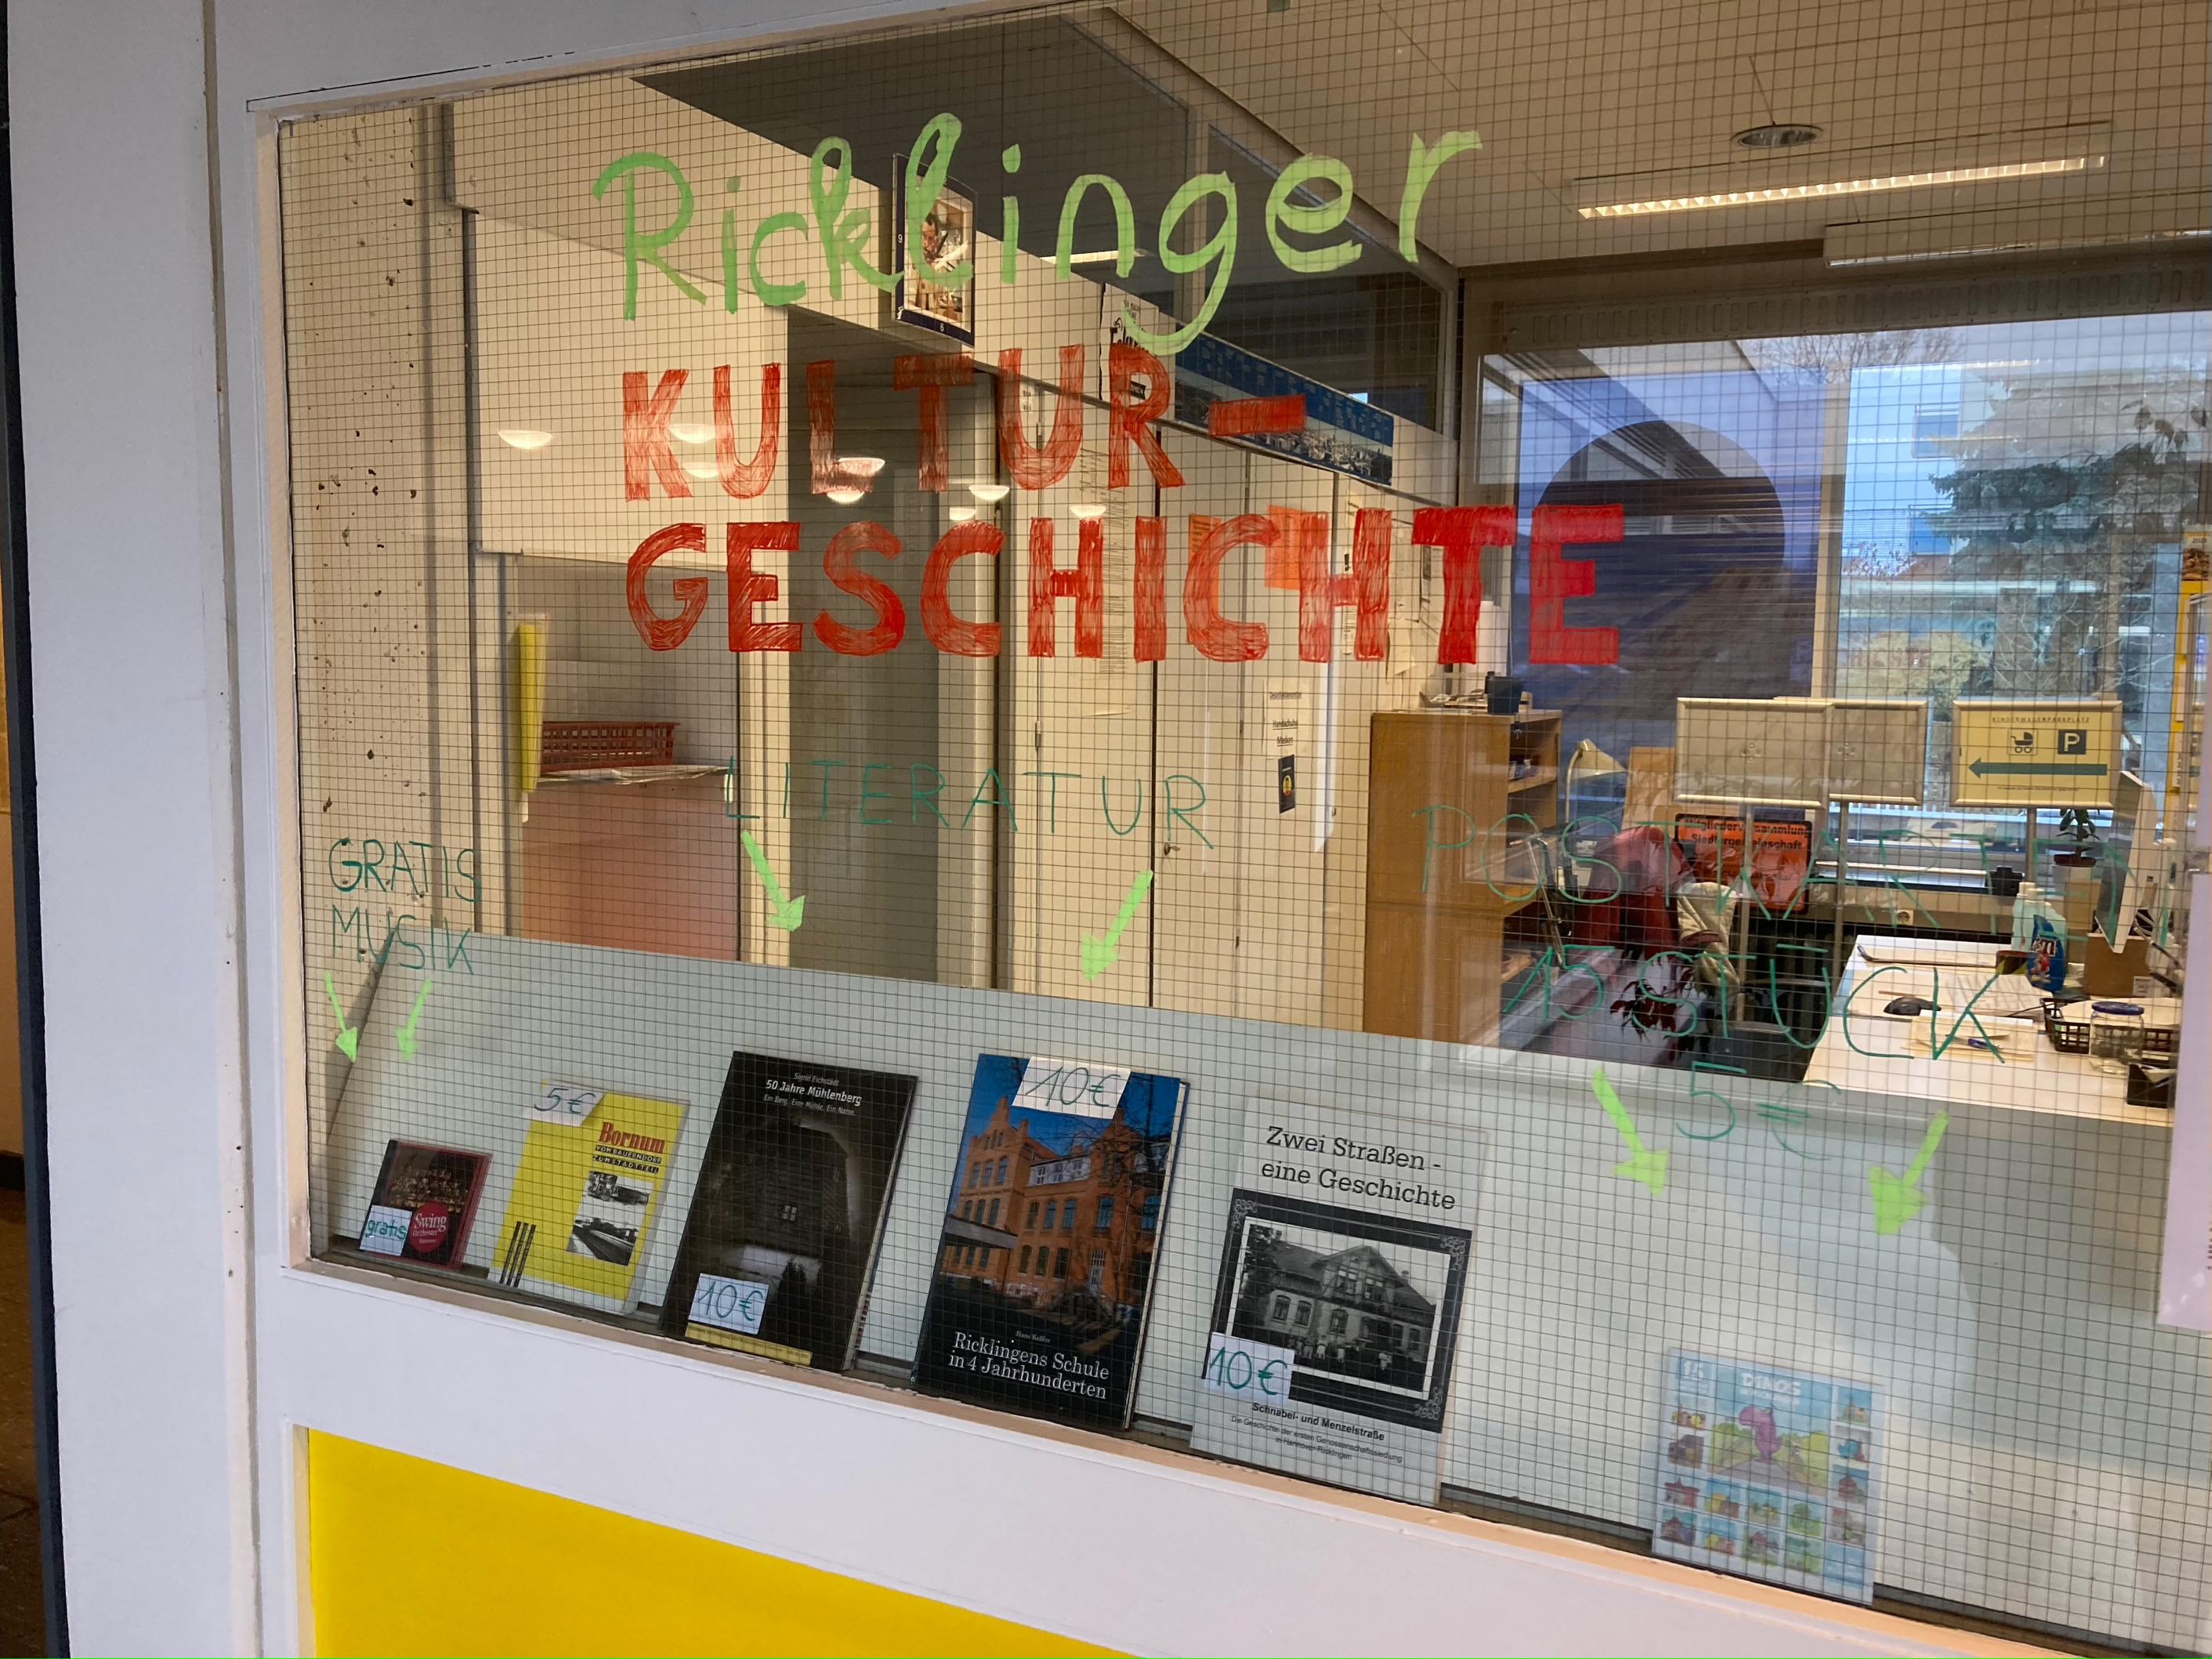 Musik, Literatur und Postkarten, die es im Stadtteilzentrum Ricklingen zu kaufen gibt